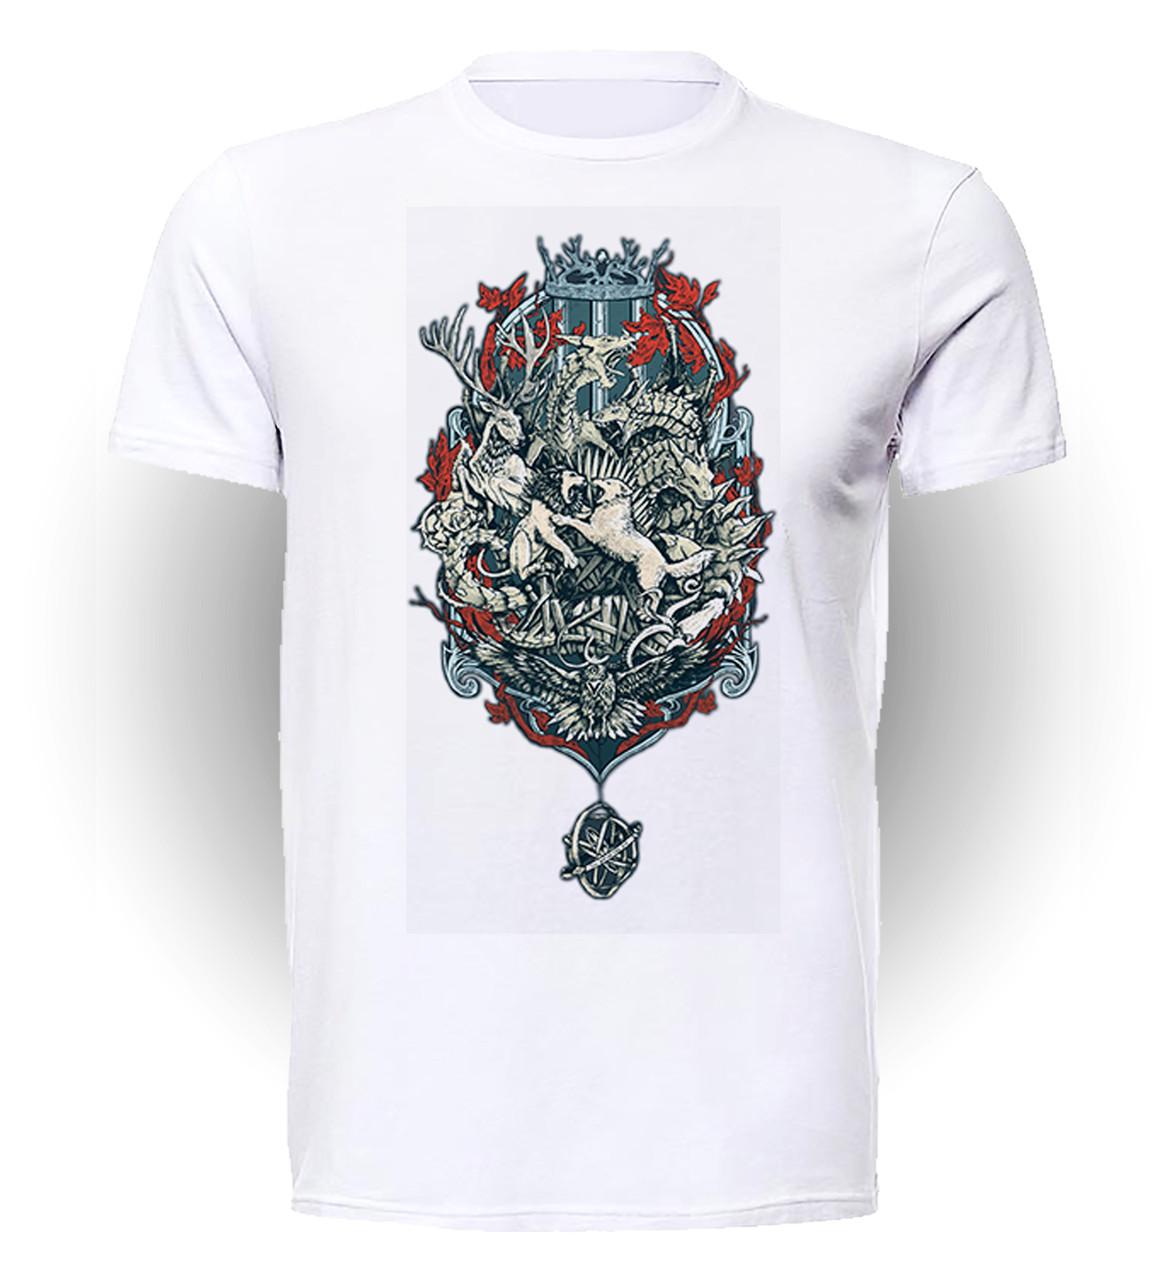 Футболка GeekLand Игра Престолов Games of Thrones art GT.01.039